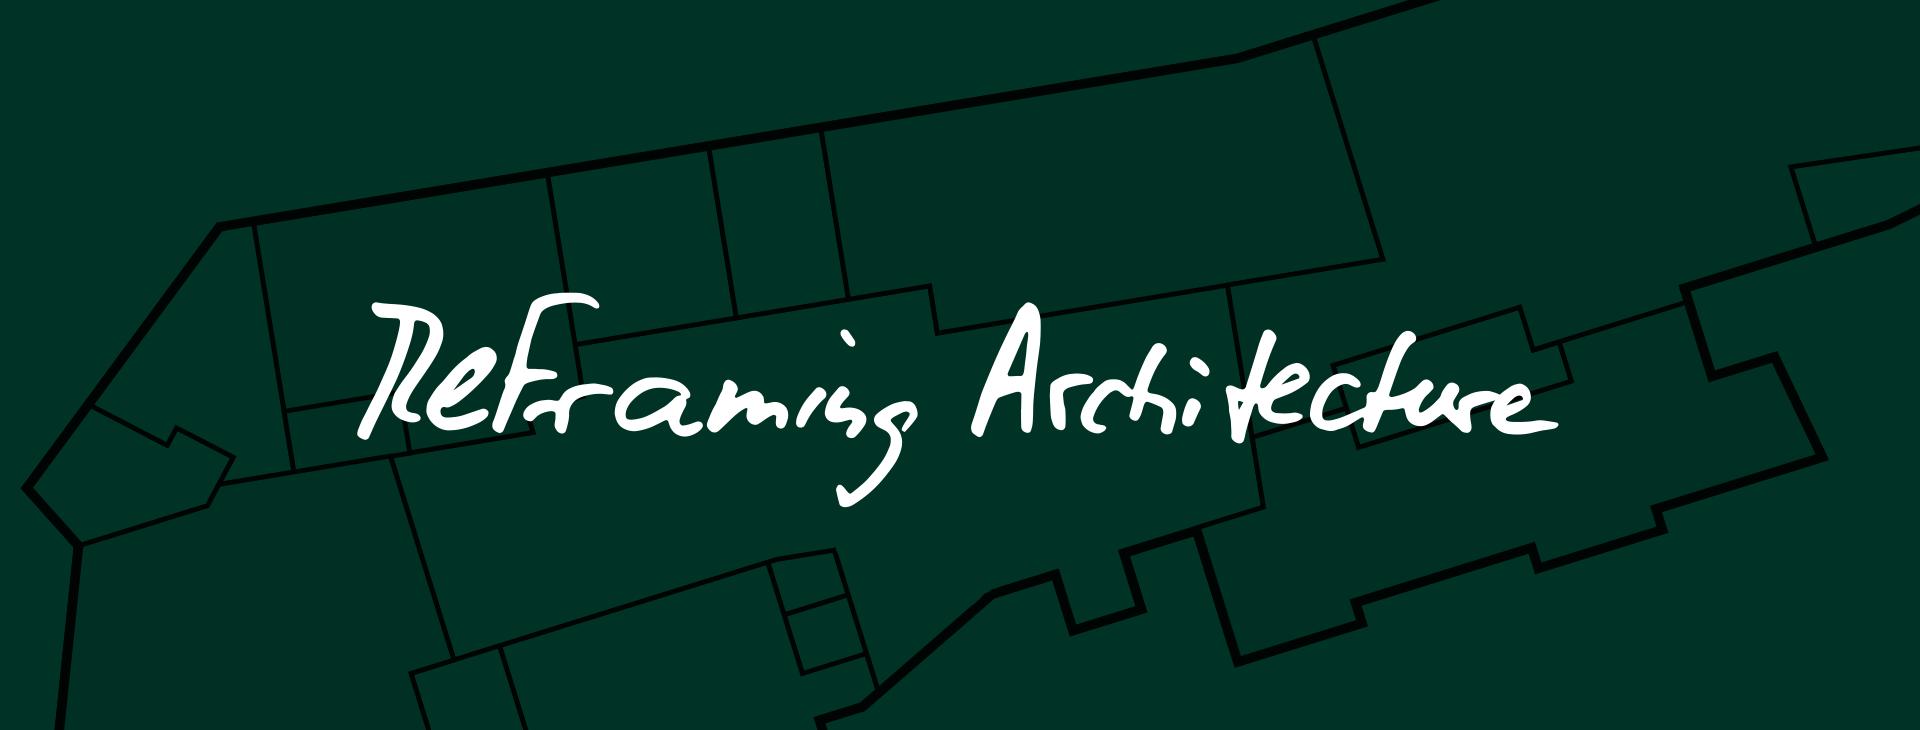 stilwerk_reframing_architecture_2020_stage_01